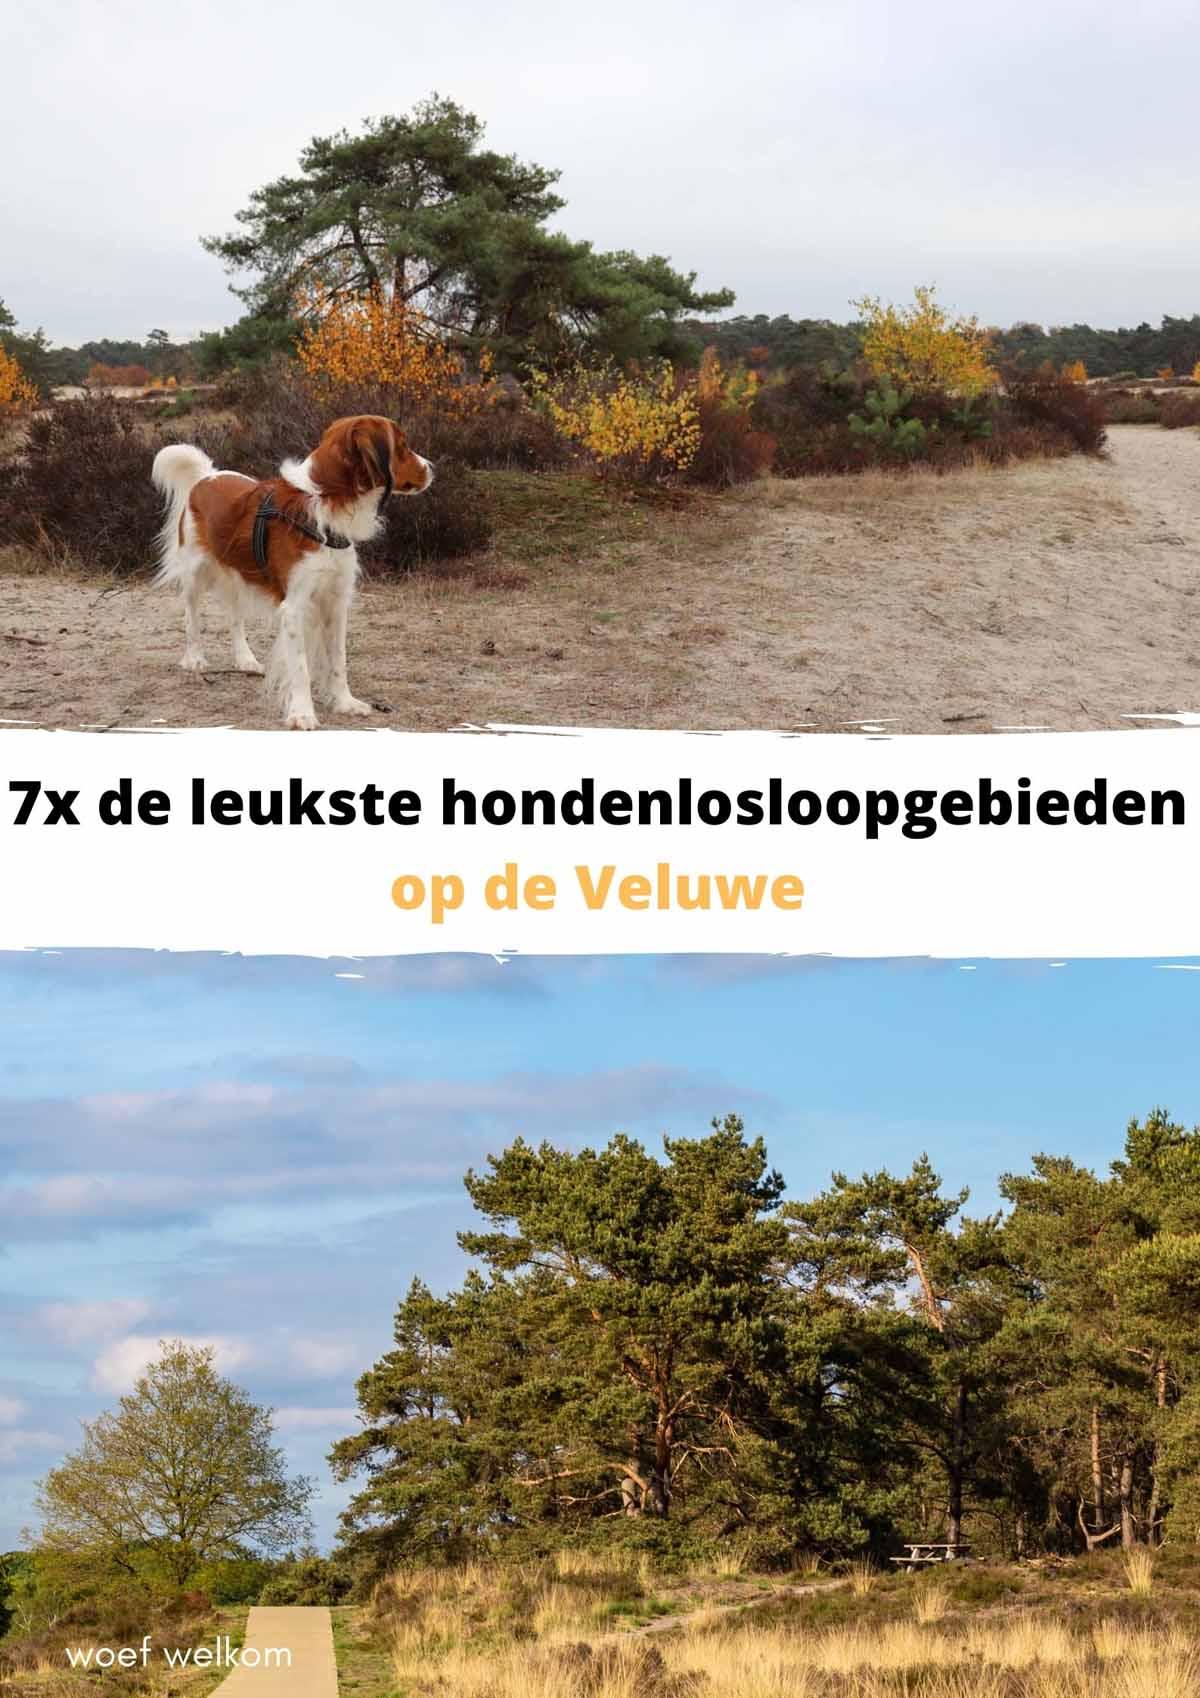 7x de leukste hondenlosloopgebieden op de Veluwe